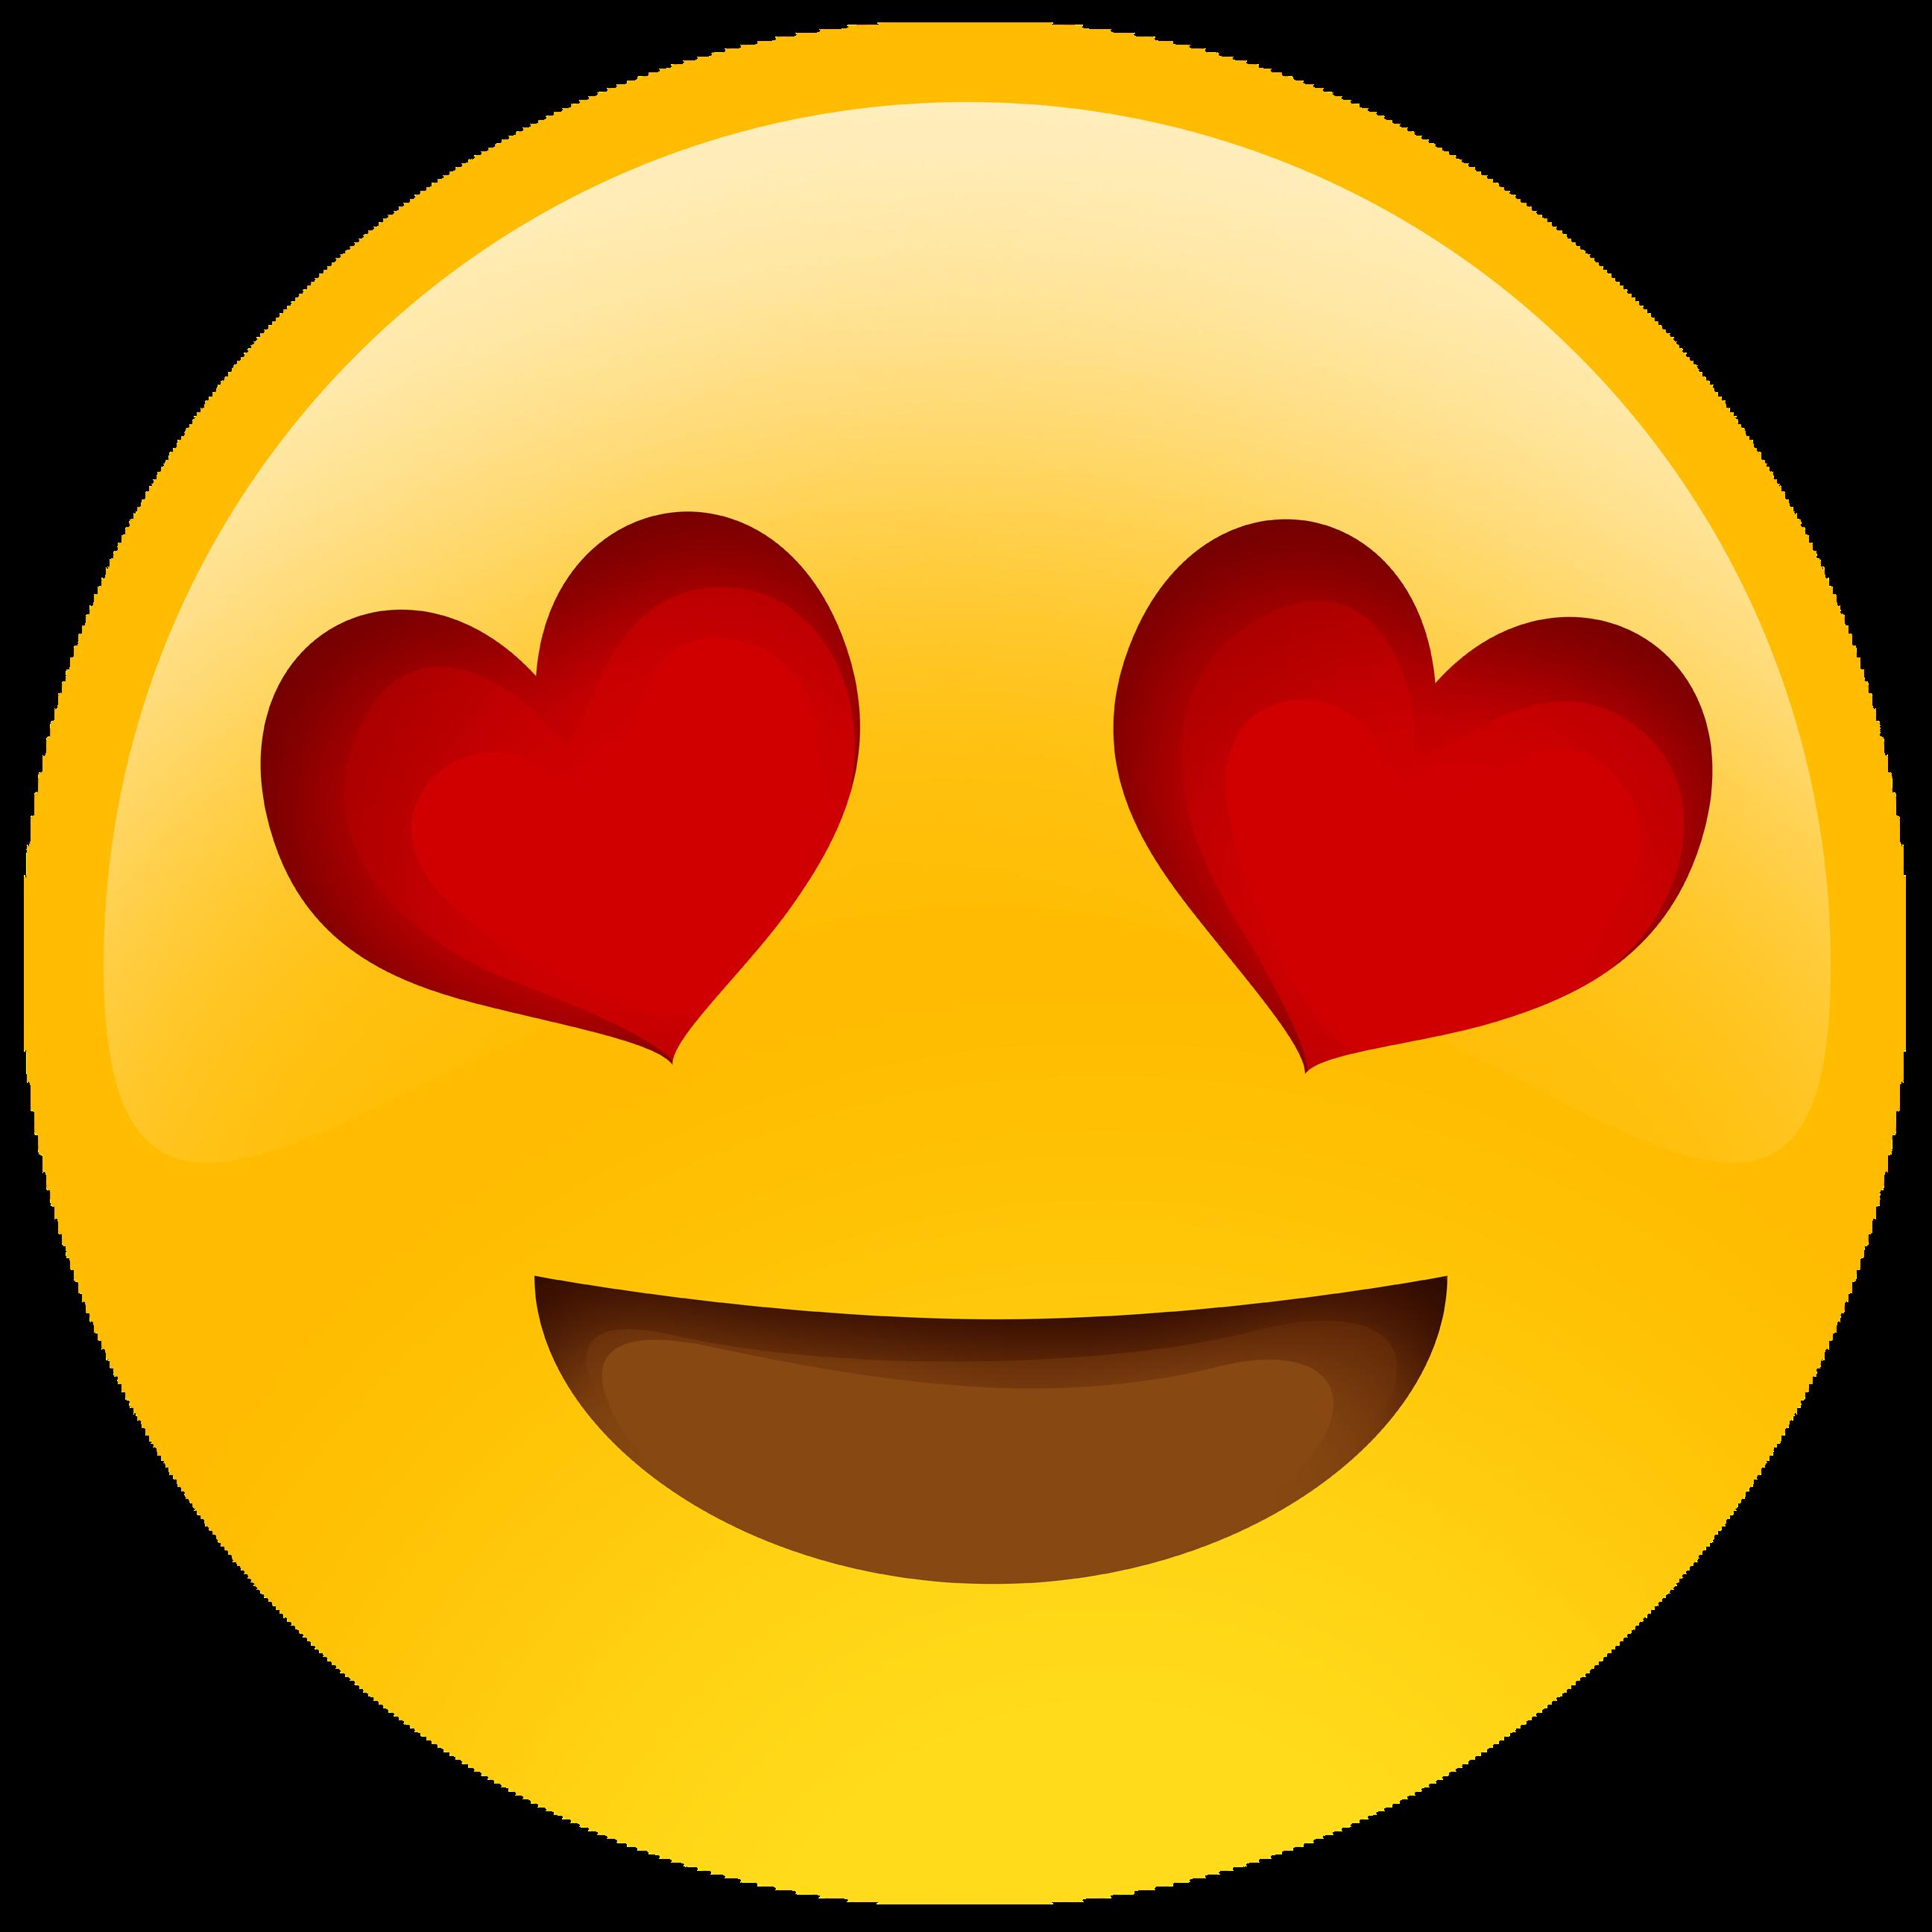 Laugh Tongue Emoji Emoticon Png Emoji Emoticon Tongue Emoji